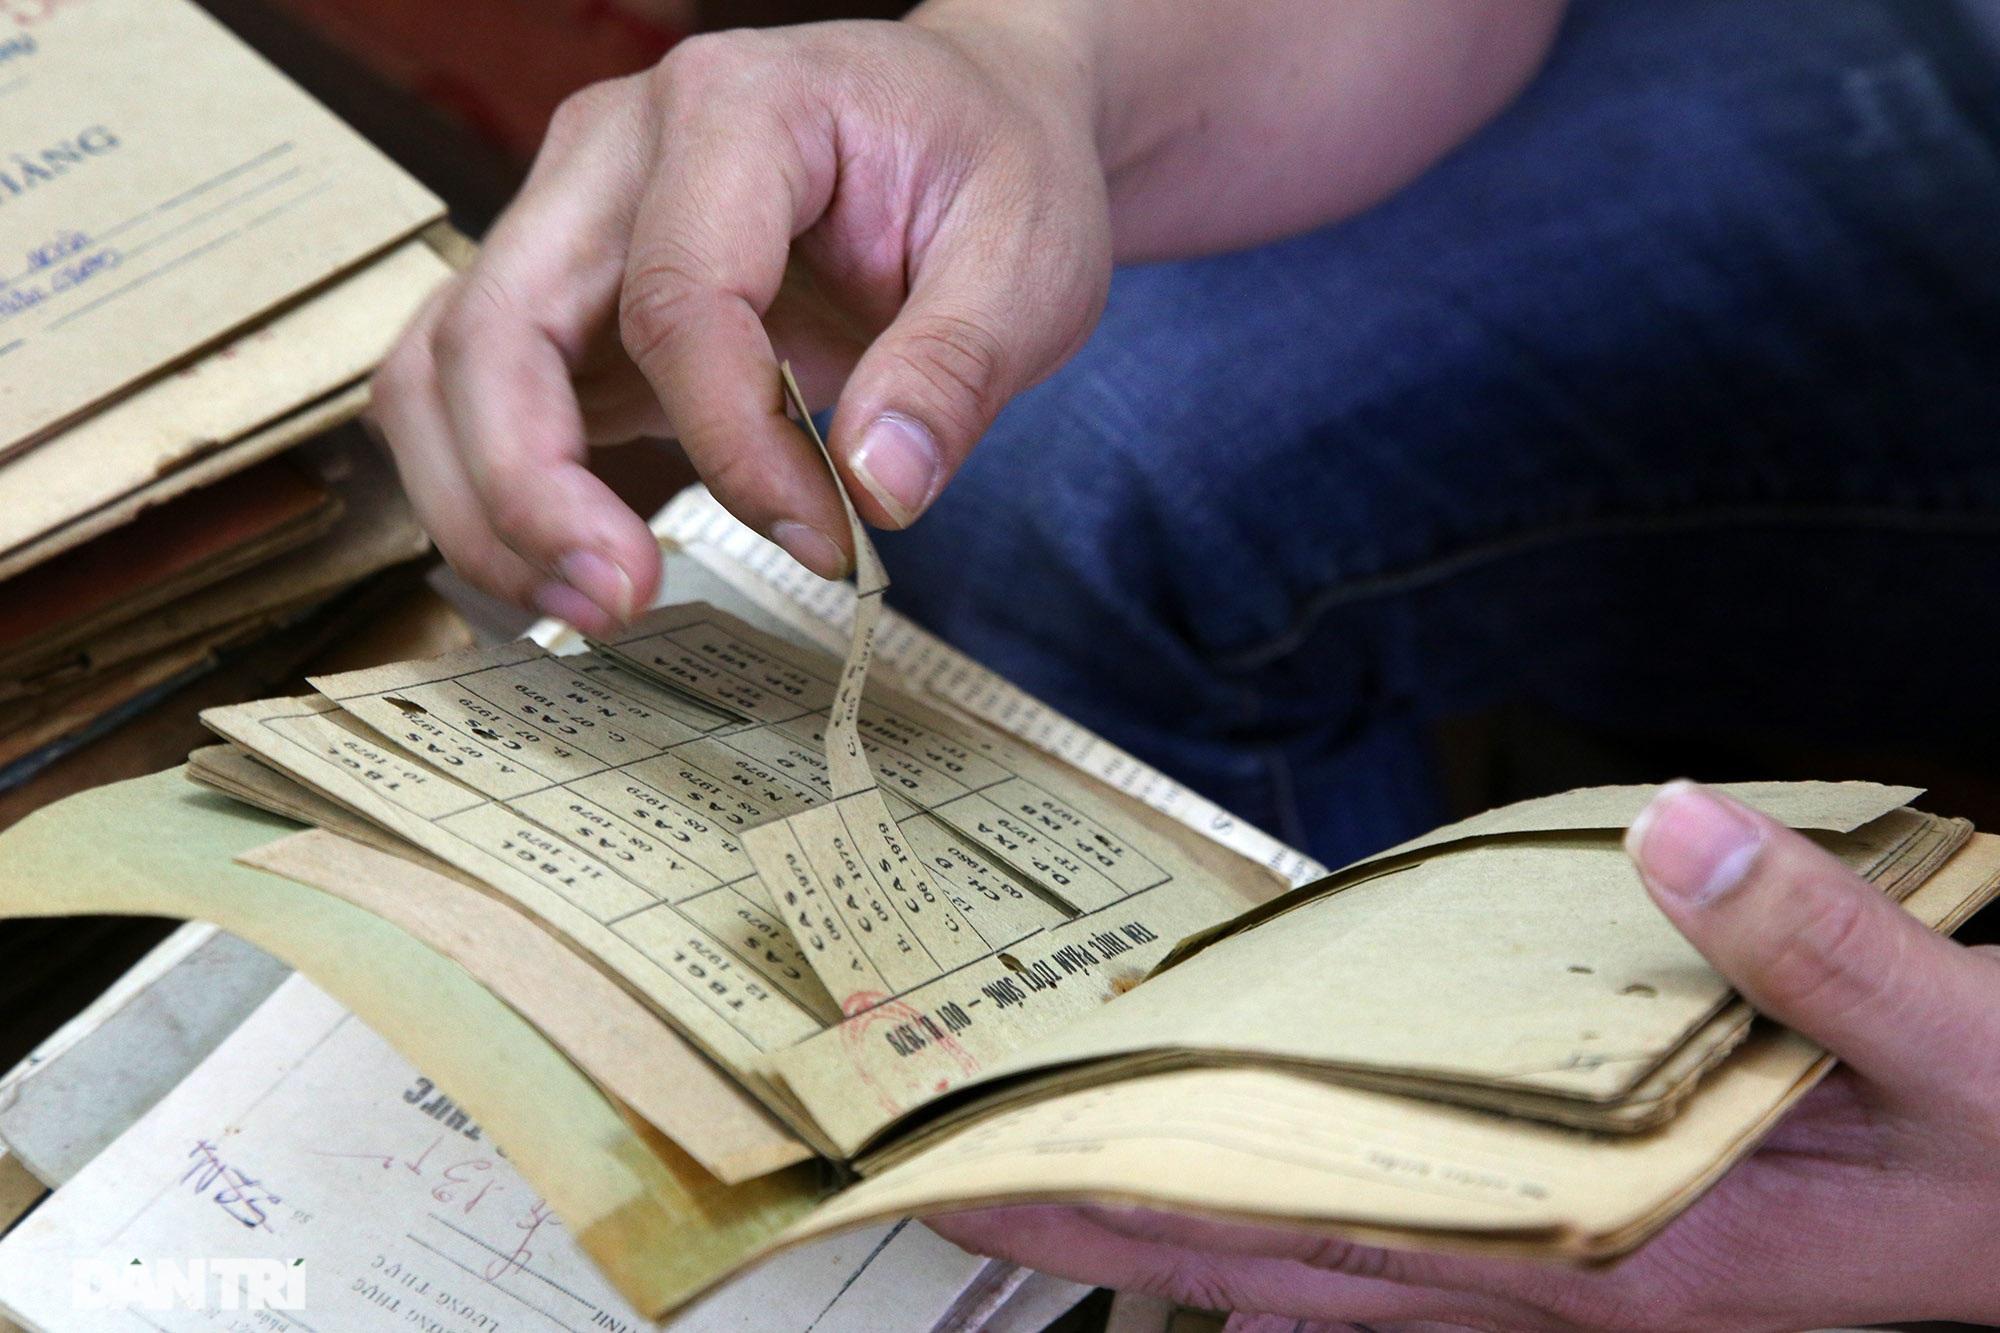 Ký ức gian khó qua bộ sưu tập tem phiếu, sổ gạo thời bao cấp - 6